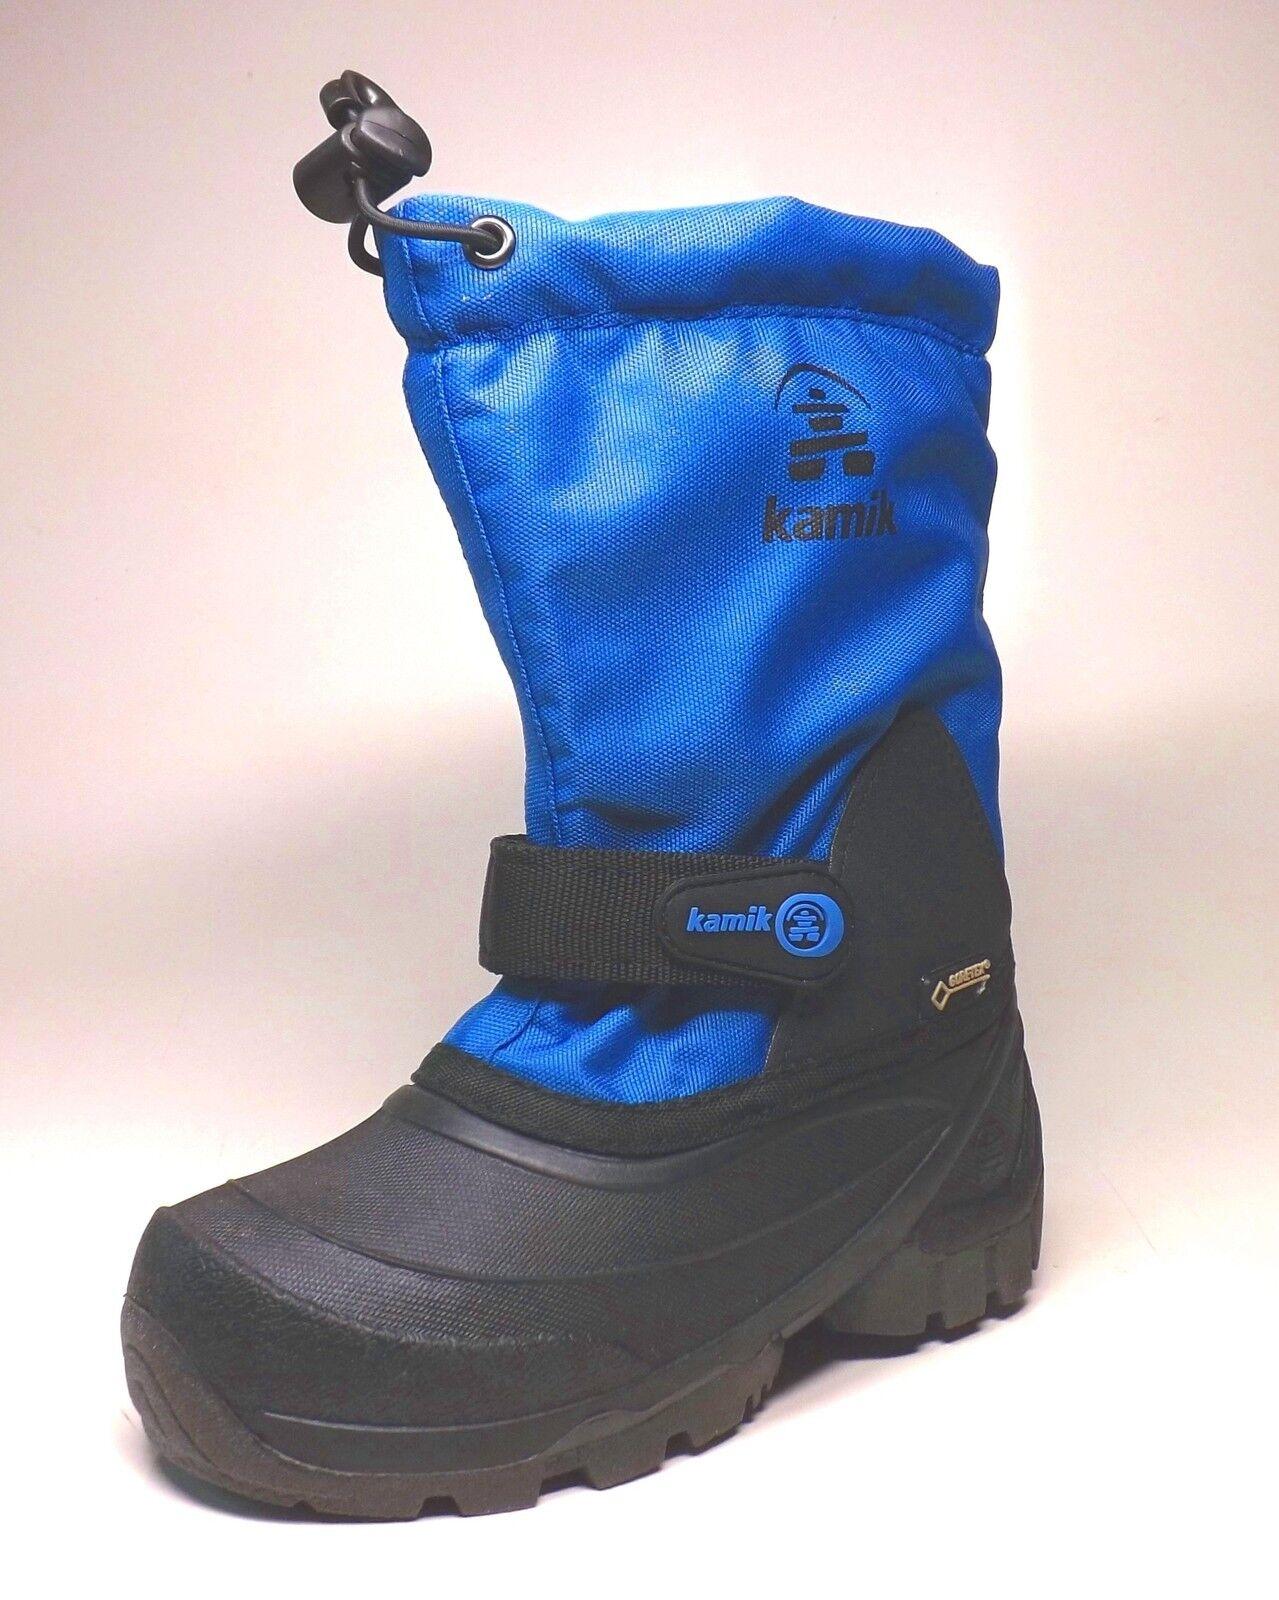 Kamik Waterbug 5G Kinder Winterstiefel Goretex  Blau  wasserdicht